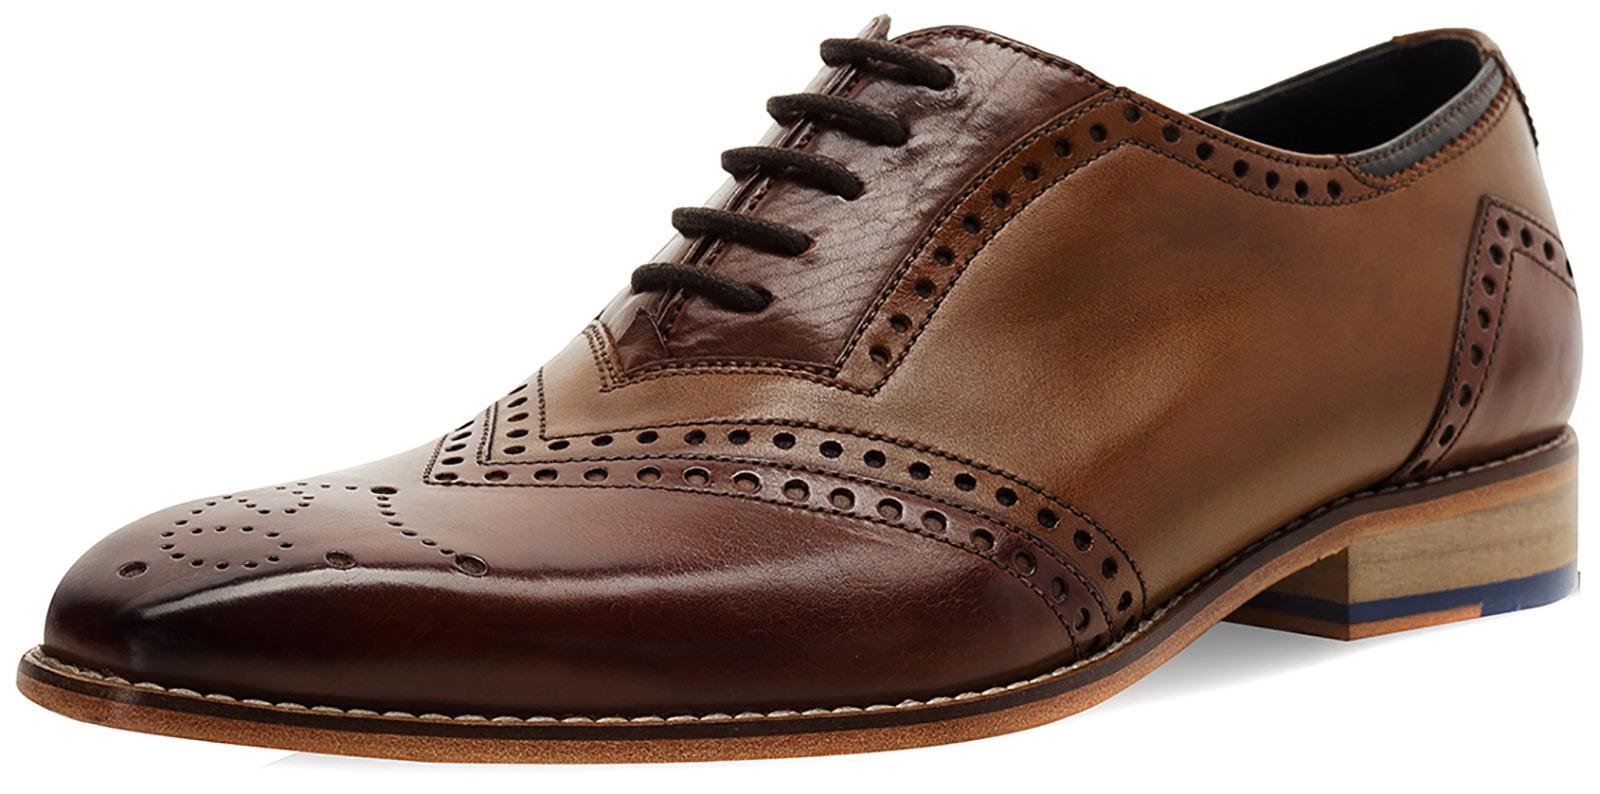 Goodwin,Smith,Manhattan,Richelieu,a,Homme,Chaussures,Oxford,